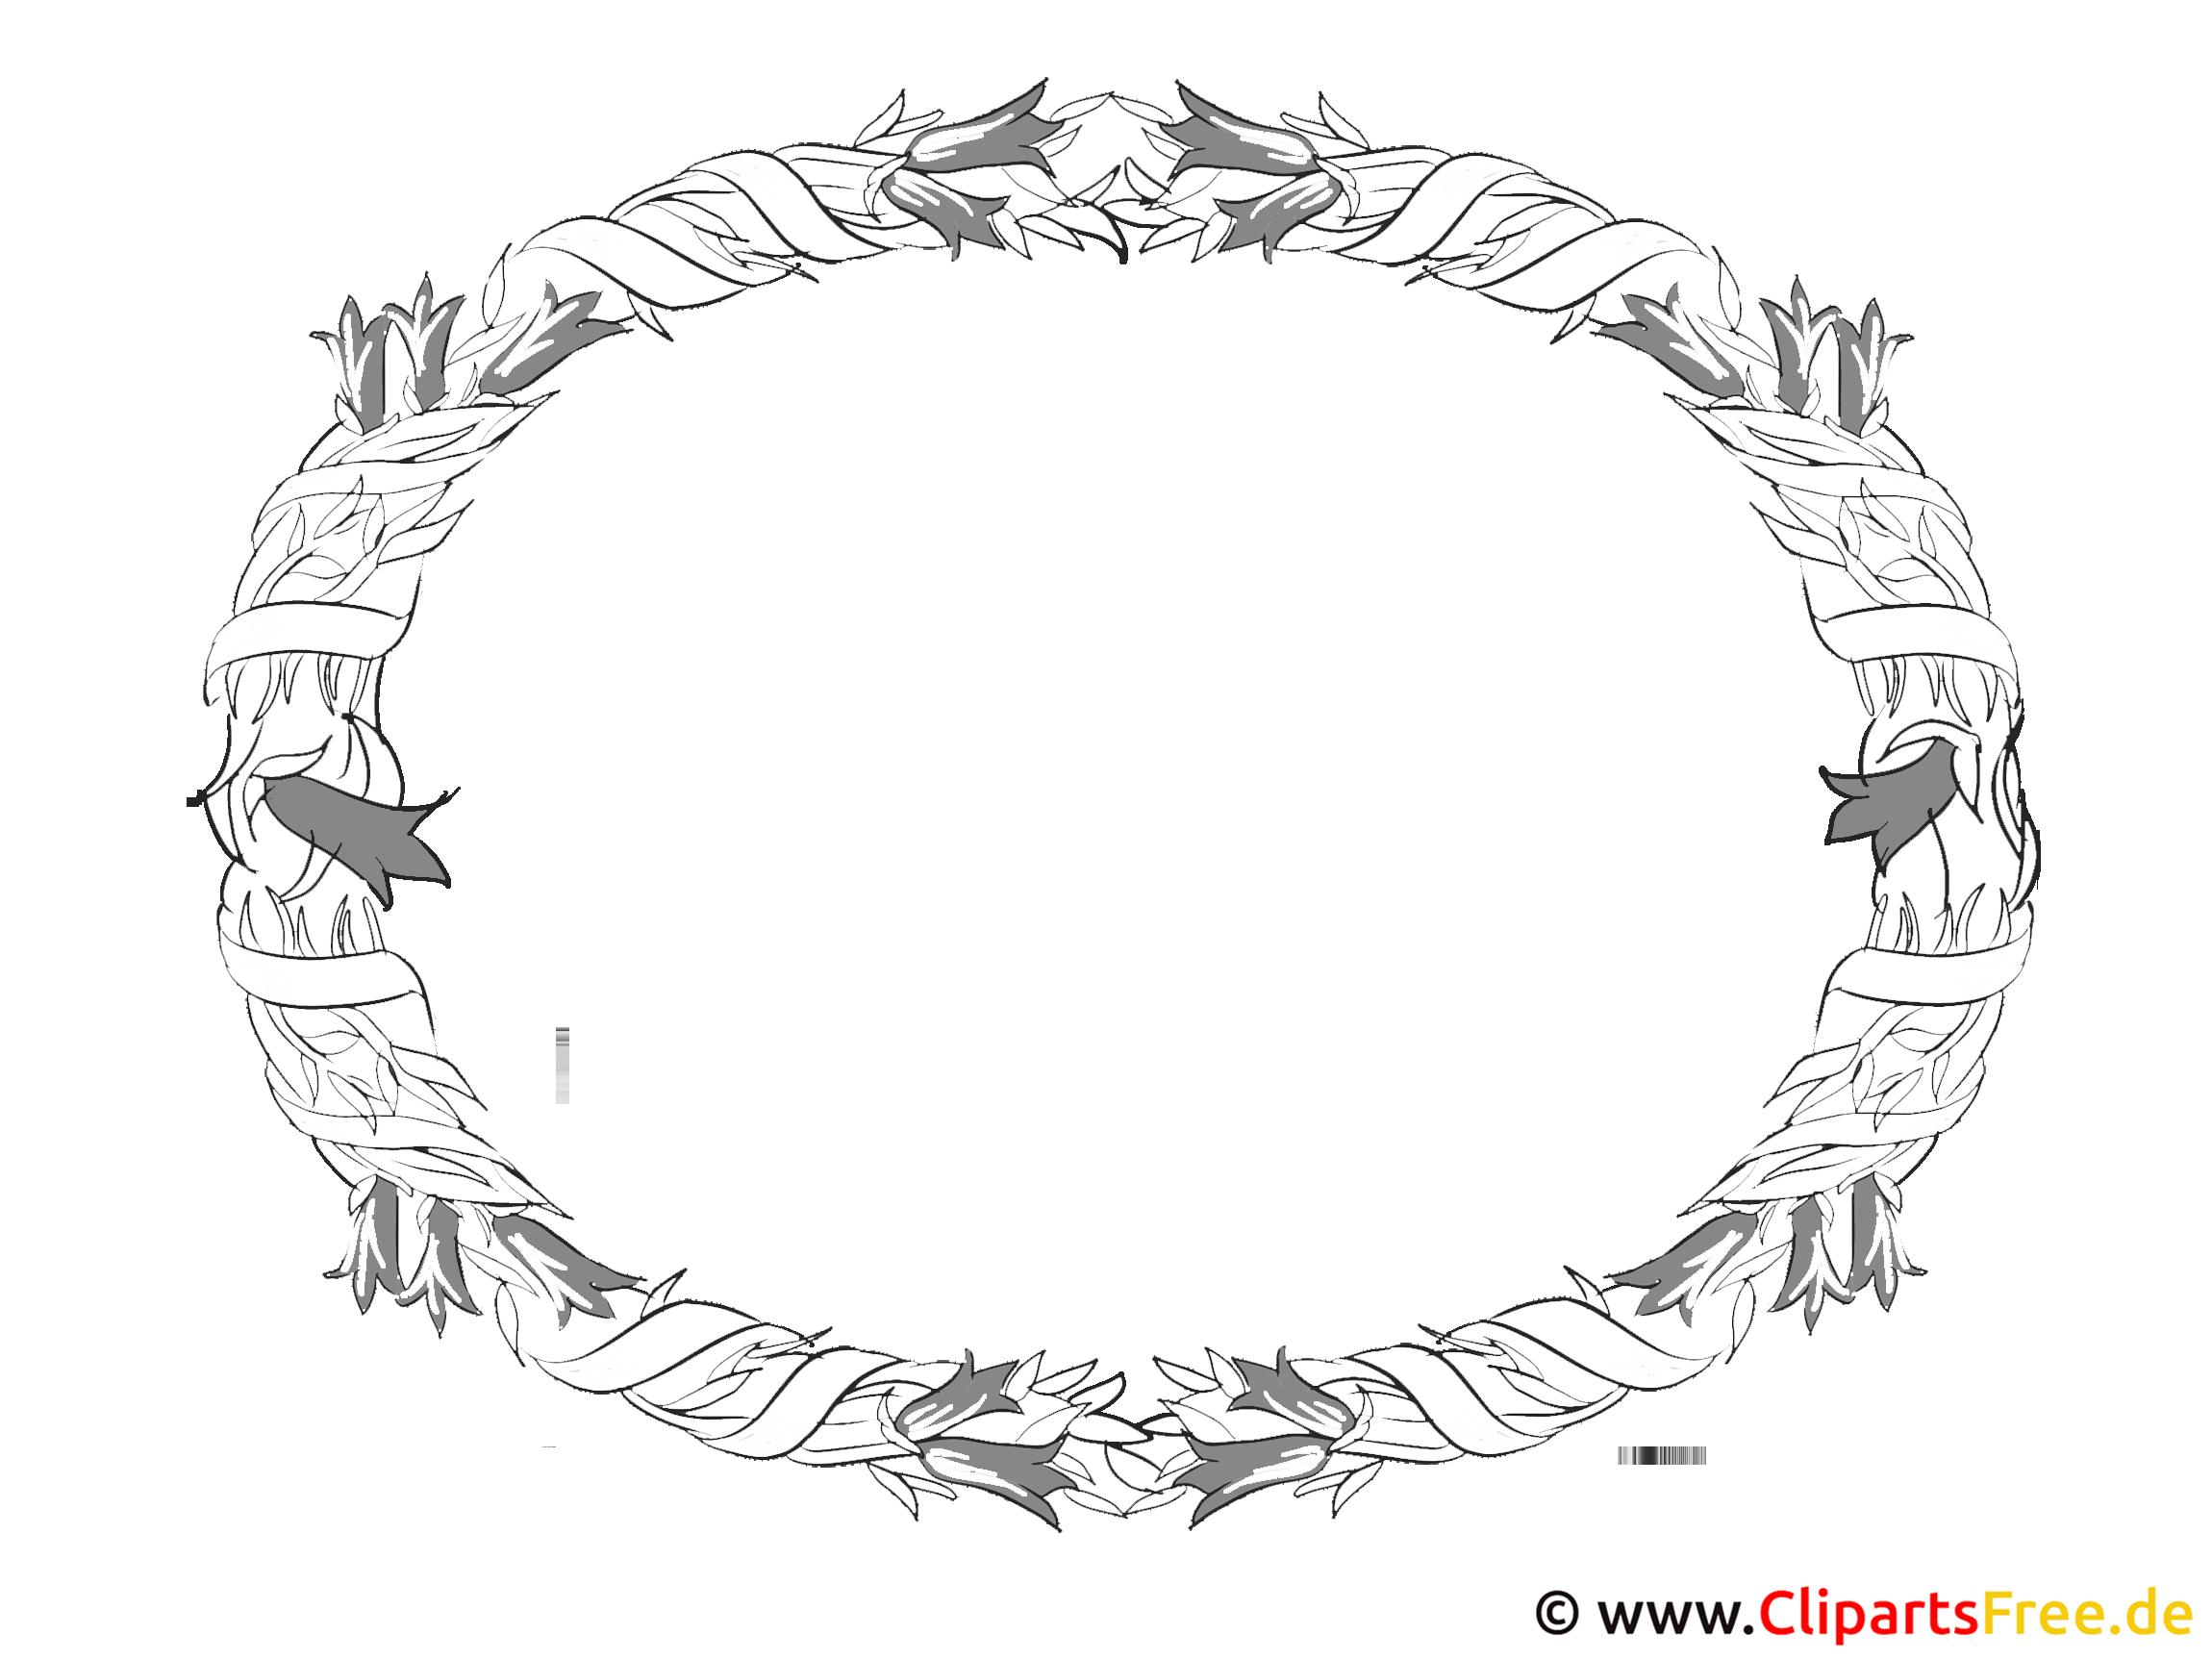 Bordüre Clipart, Bild, Grafik